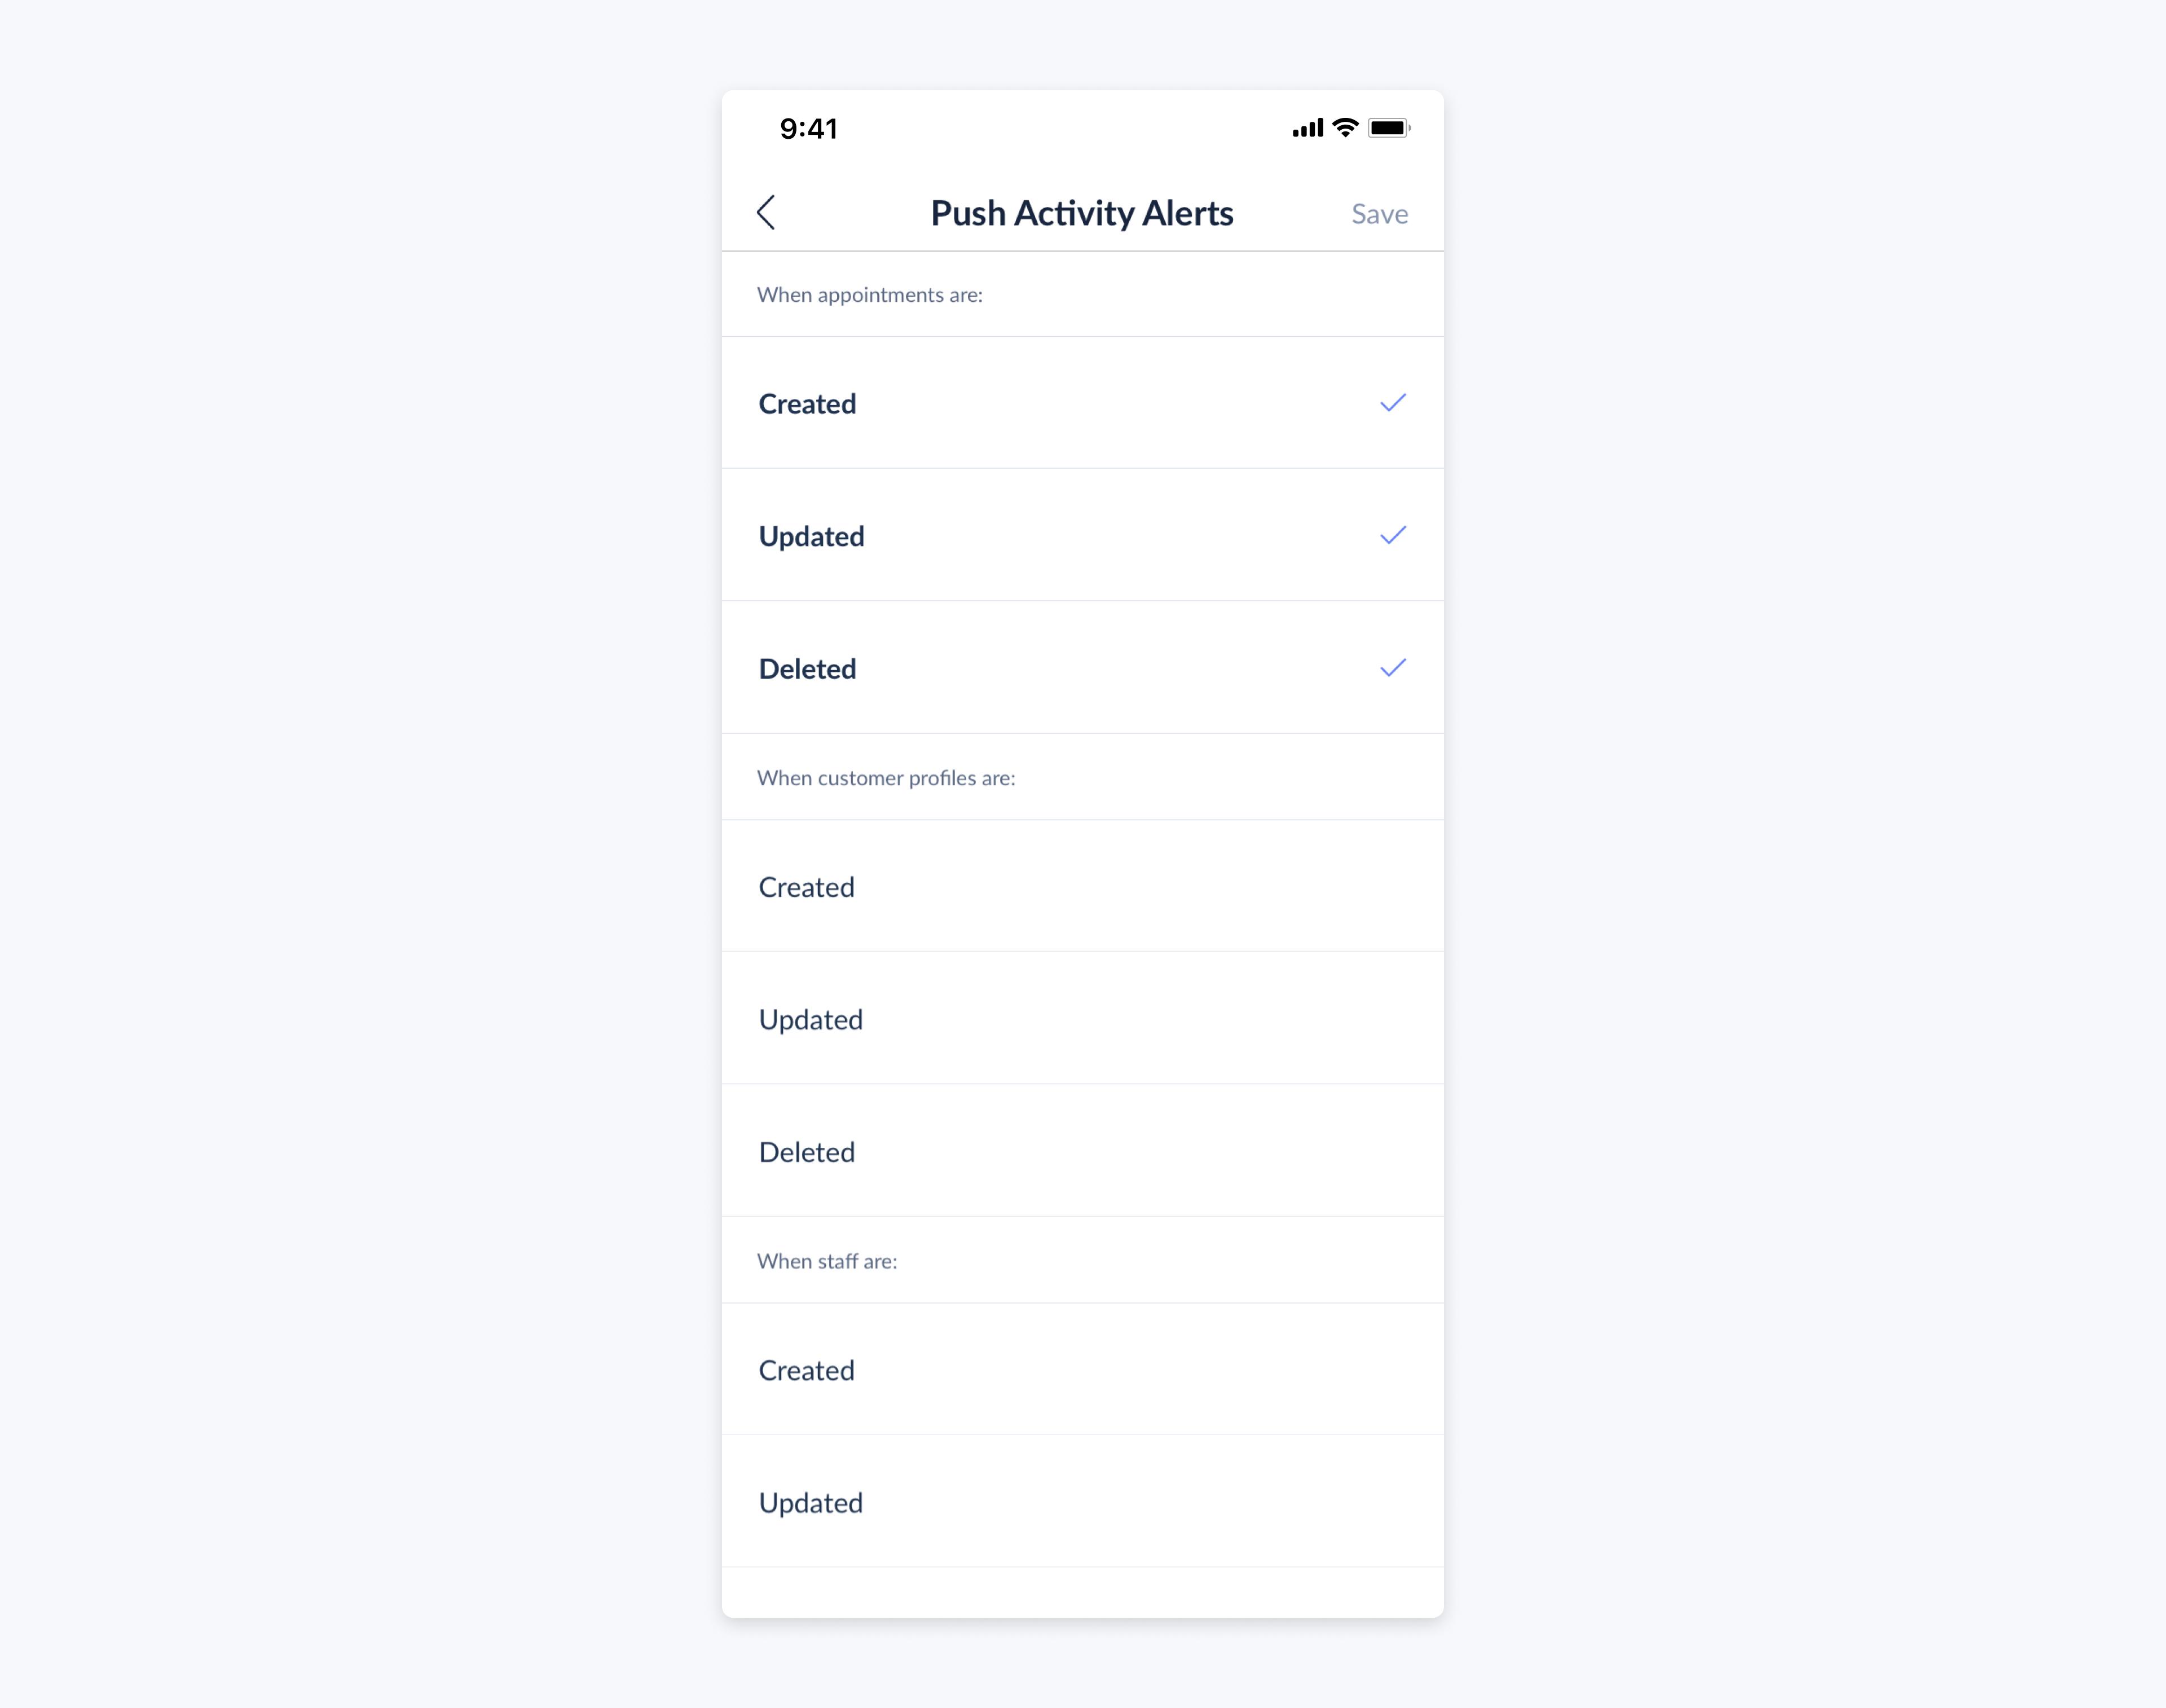 setmore mobile app push activity alerts menu